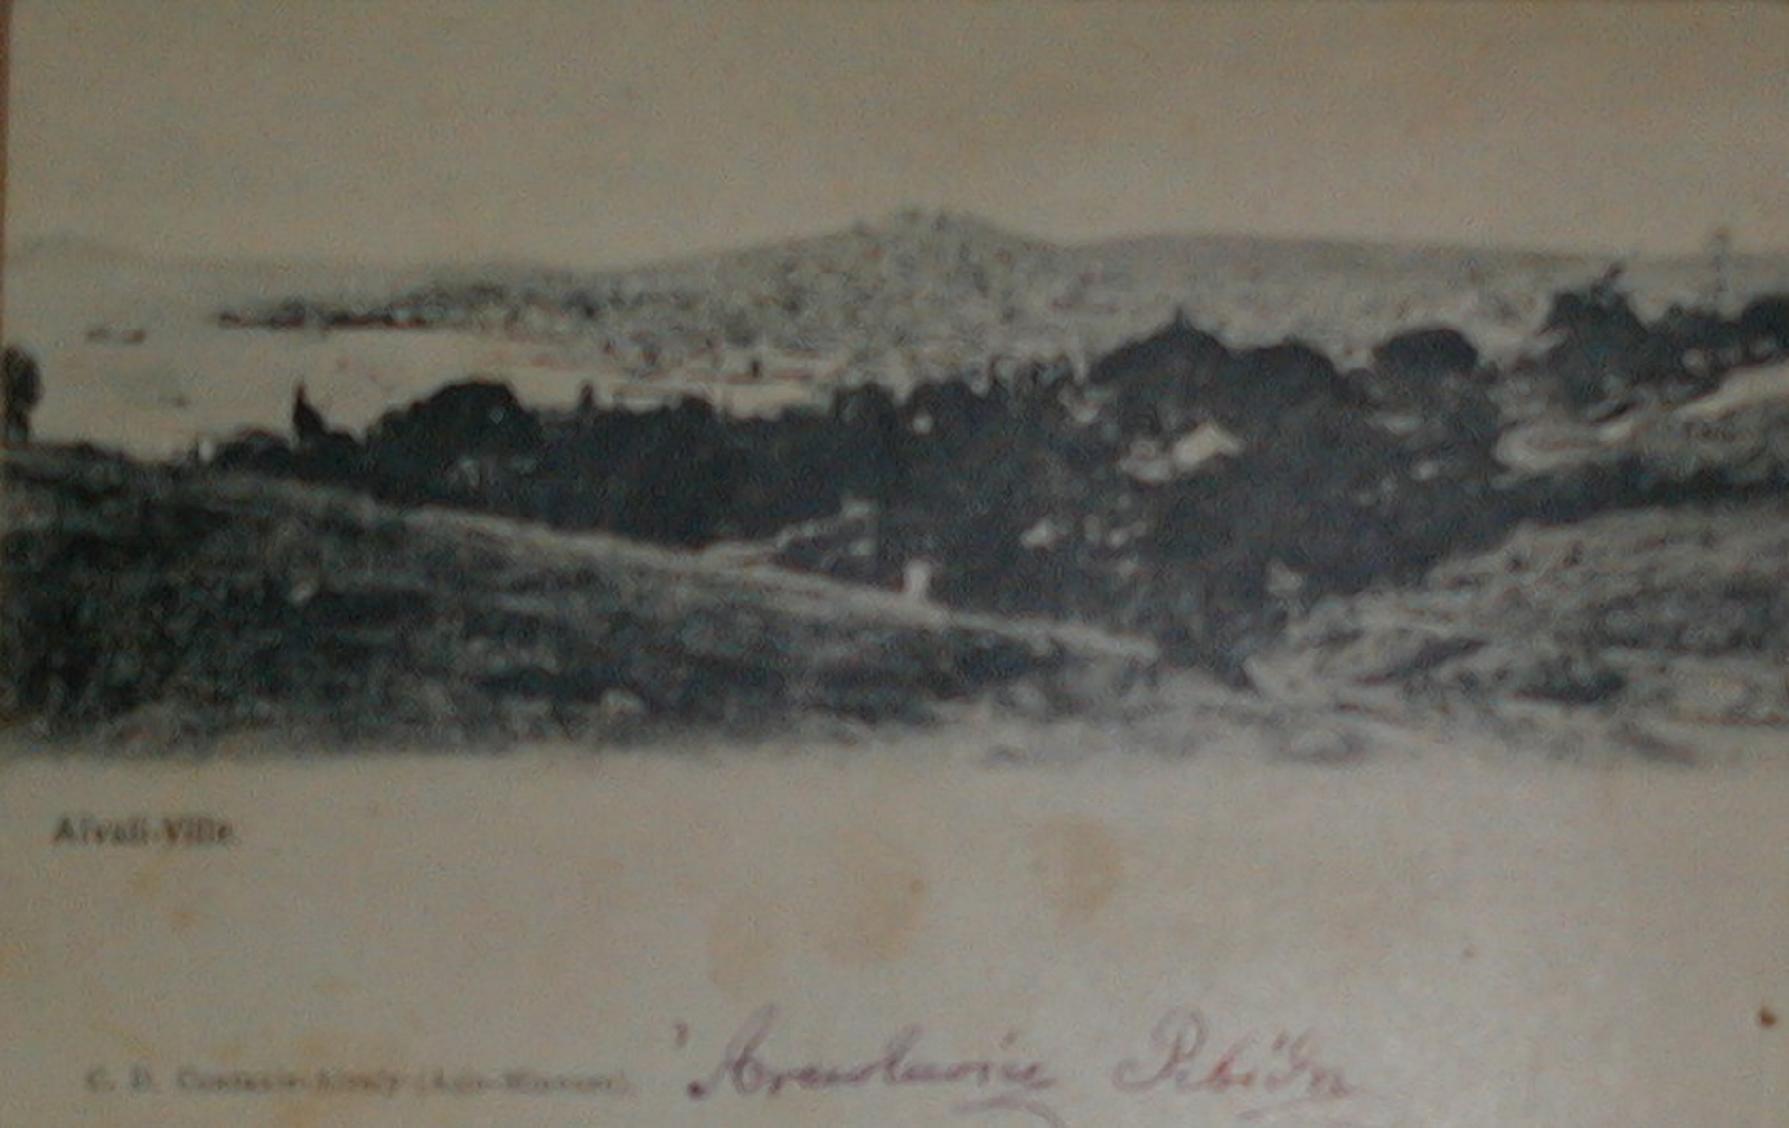 2 Ἰουνίου 1821. Τὸ Ἀϊβαλὶ σβήνει!